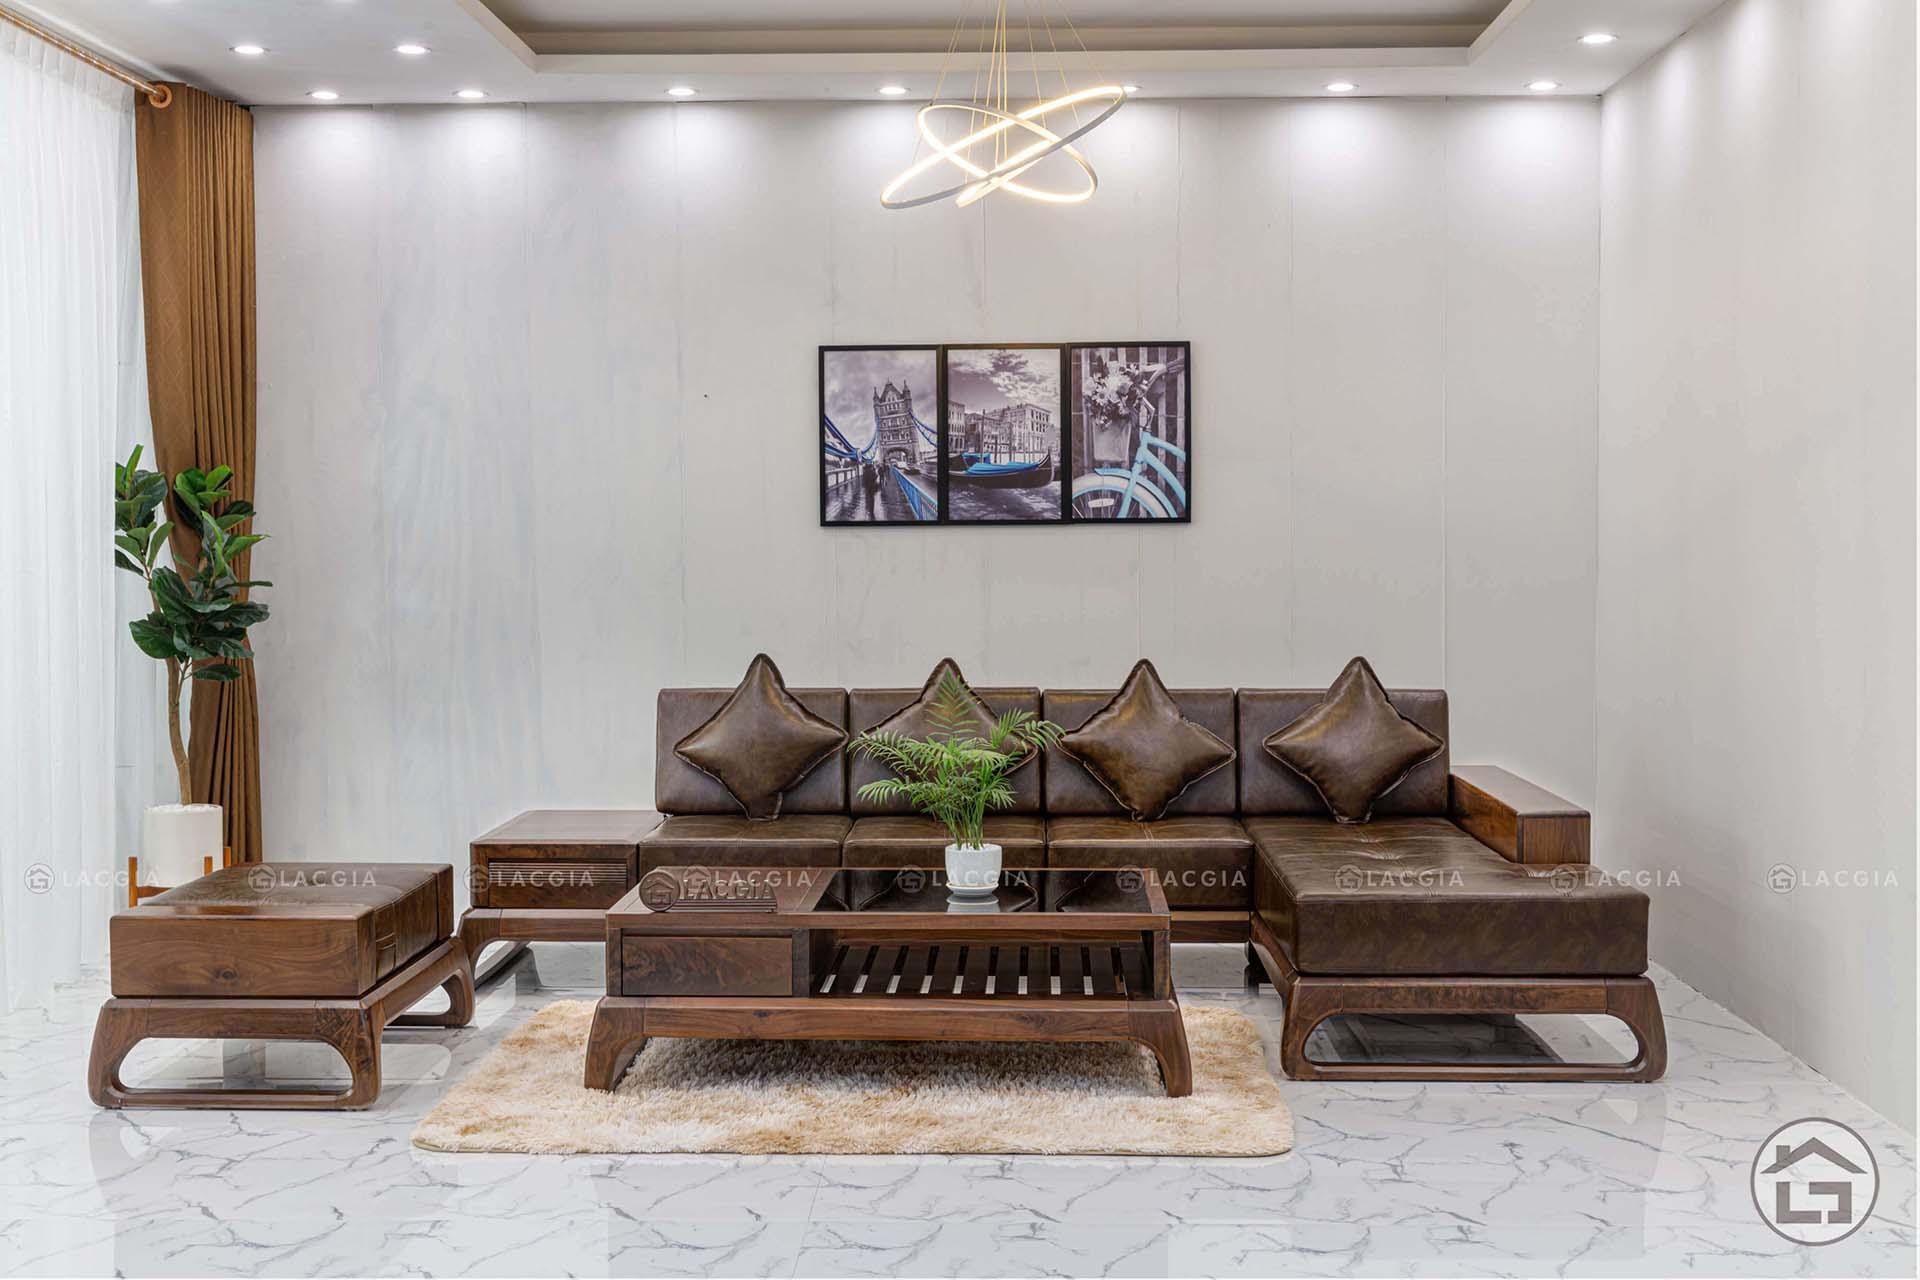 Sofa gỗ chữ L có kiểu dáng đa dạng và hiện đại